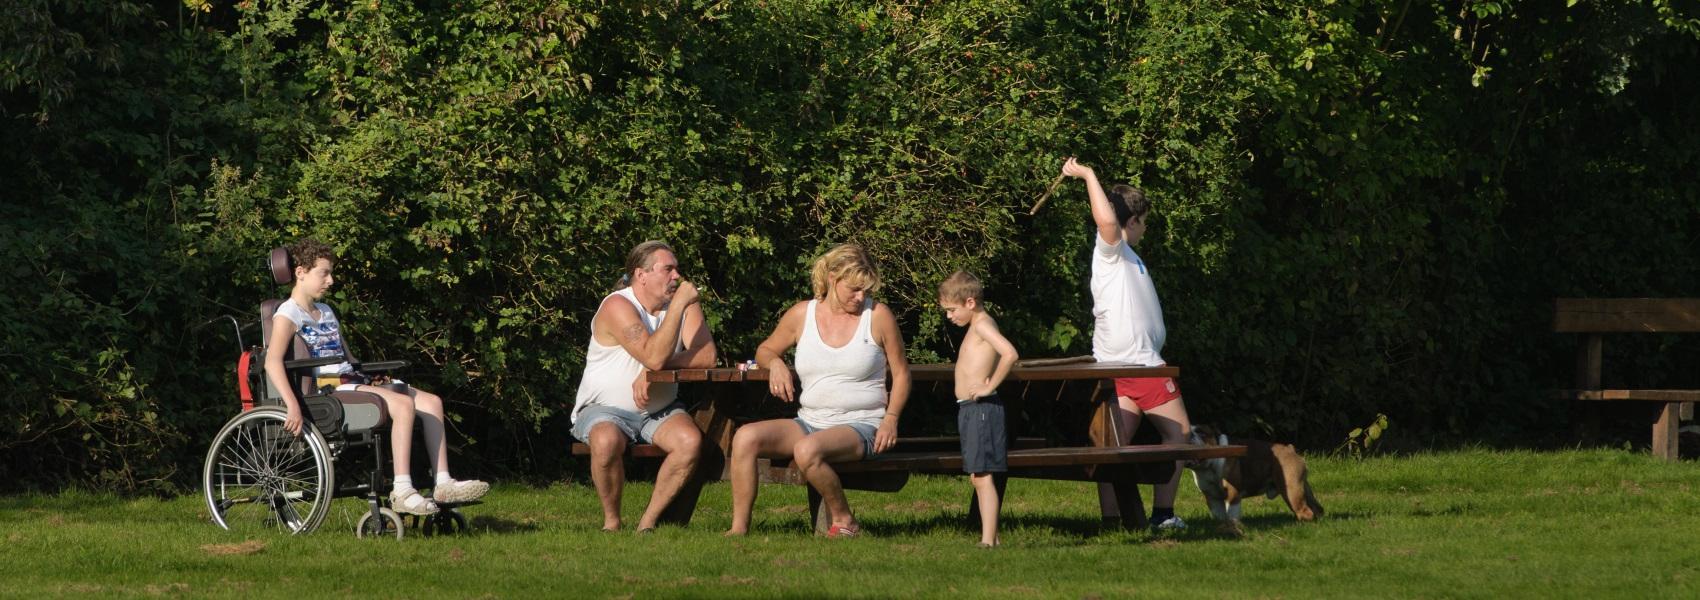 mensen op picknickbank